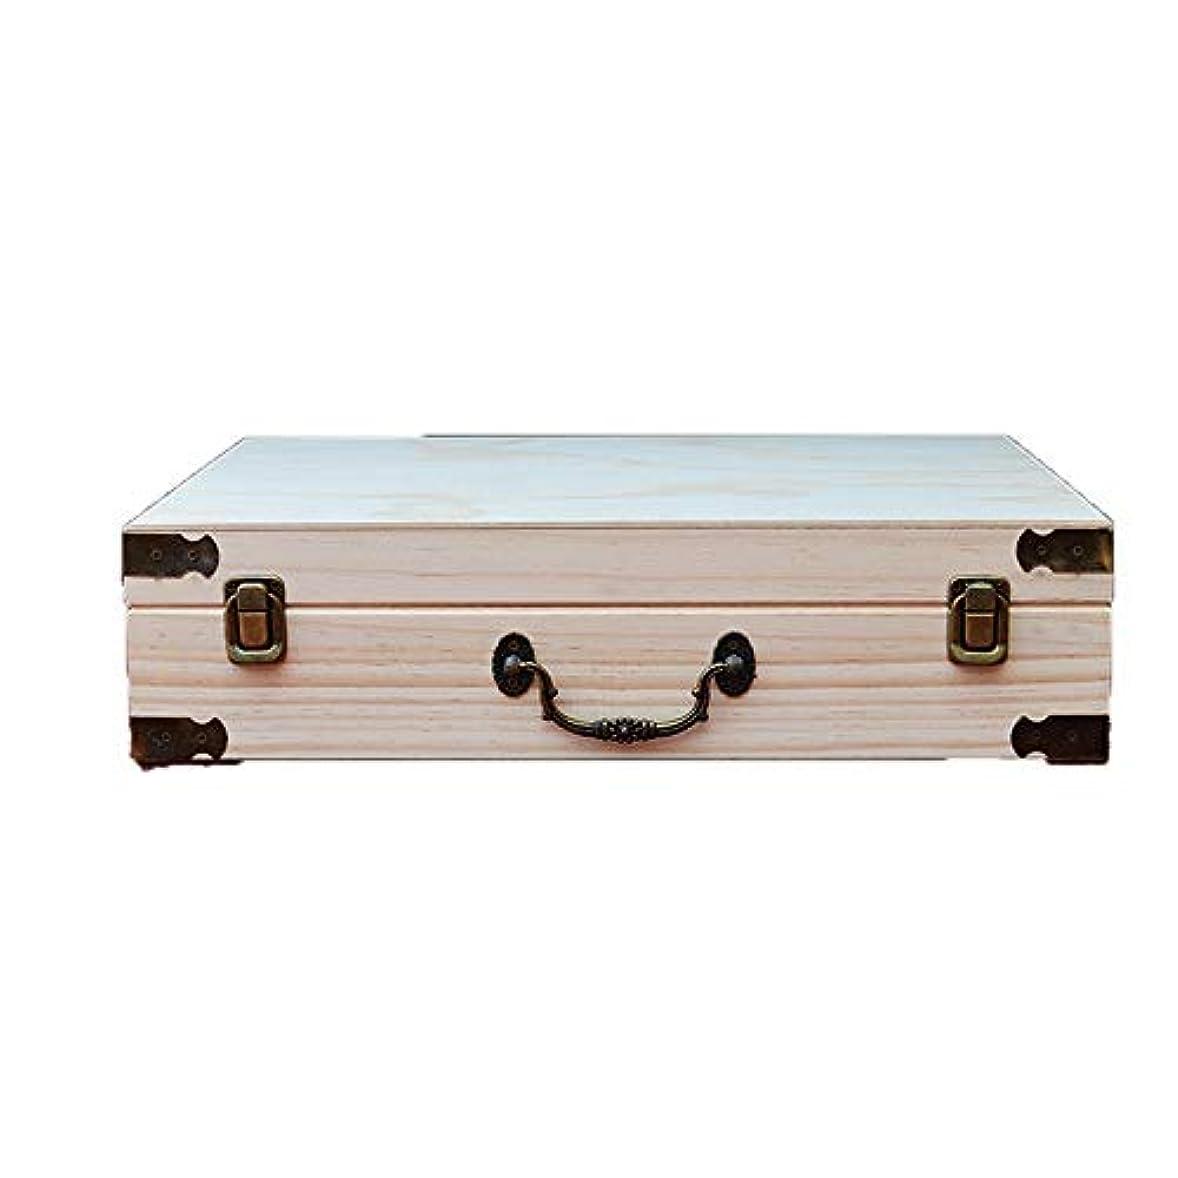 保育園品種手術エッセンシャルオイルボックス エッセンシャルオイルの60本のボトルを格納するストレージ木製のボックスには、油のセキュリティを維持するのが最善です アロマセラピー収納ボックス (色 : Natural, サイズ : 41X32.5X10.5CM)